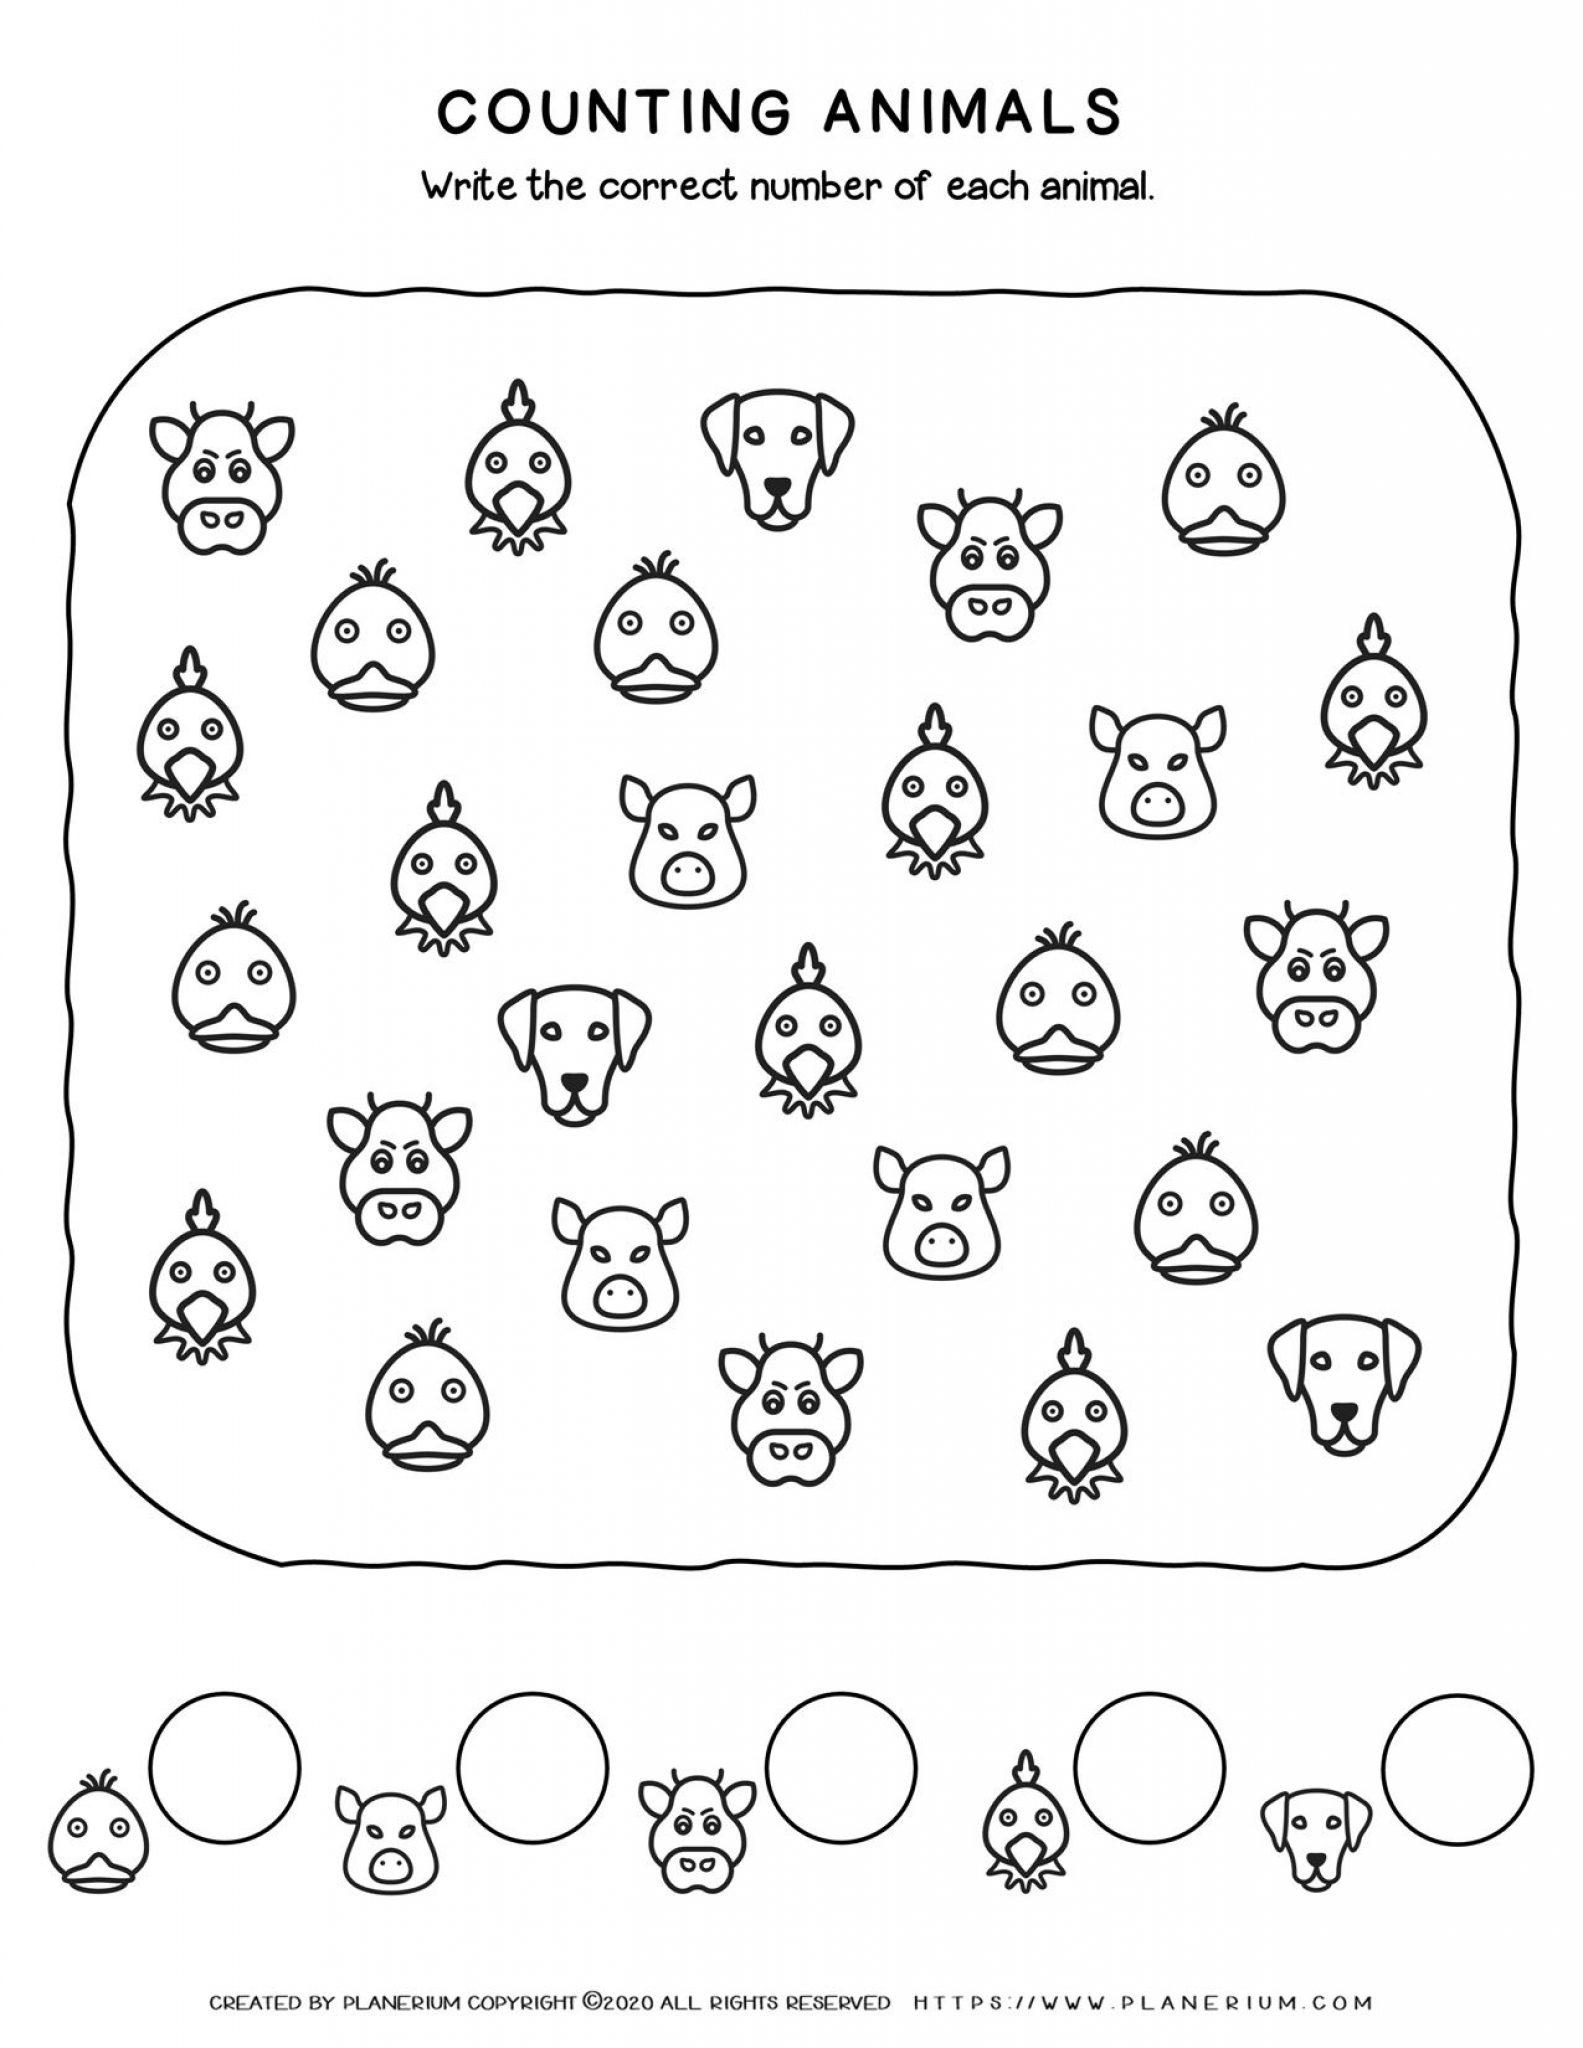 Farm Animals - Counting Animal Faces   Planerium